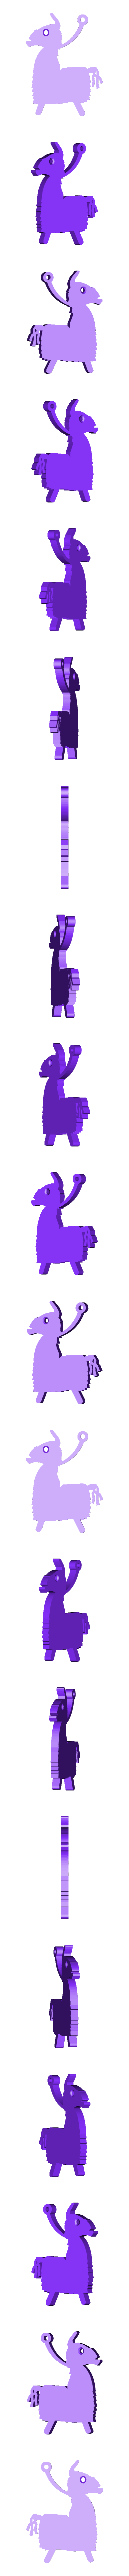 lama.stl Télécharger fichier STL gratuit Porte-clés Llama Fortnite • Design à imprimer en 3D, ygallois